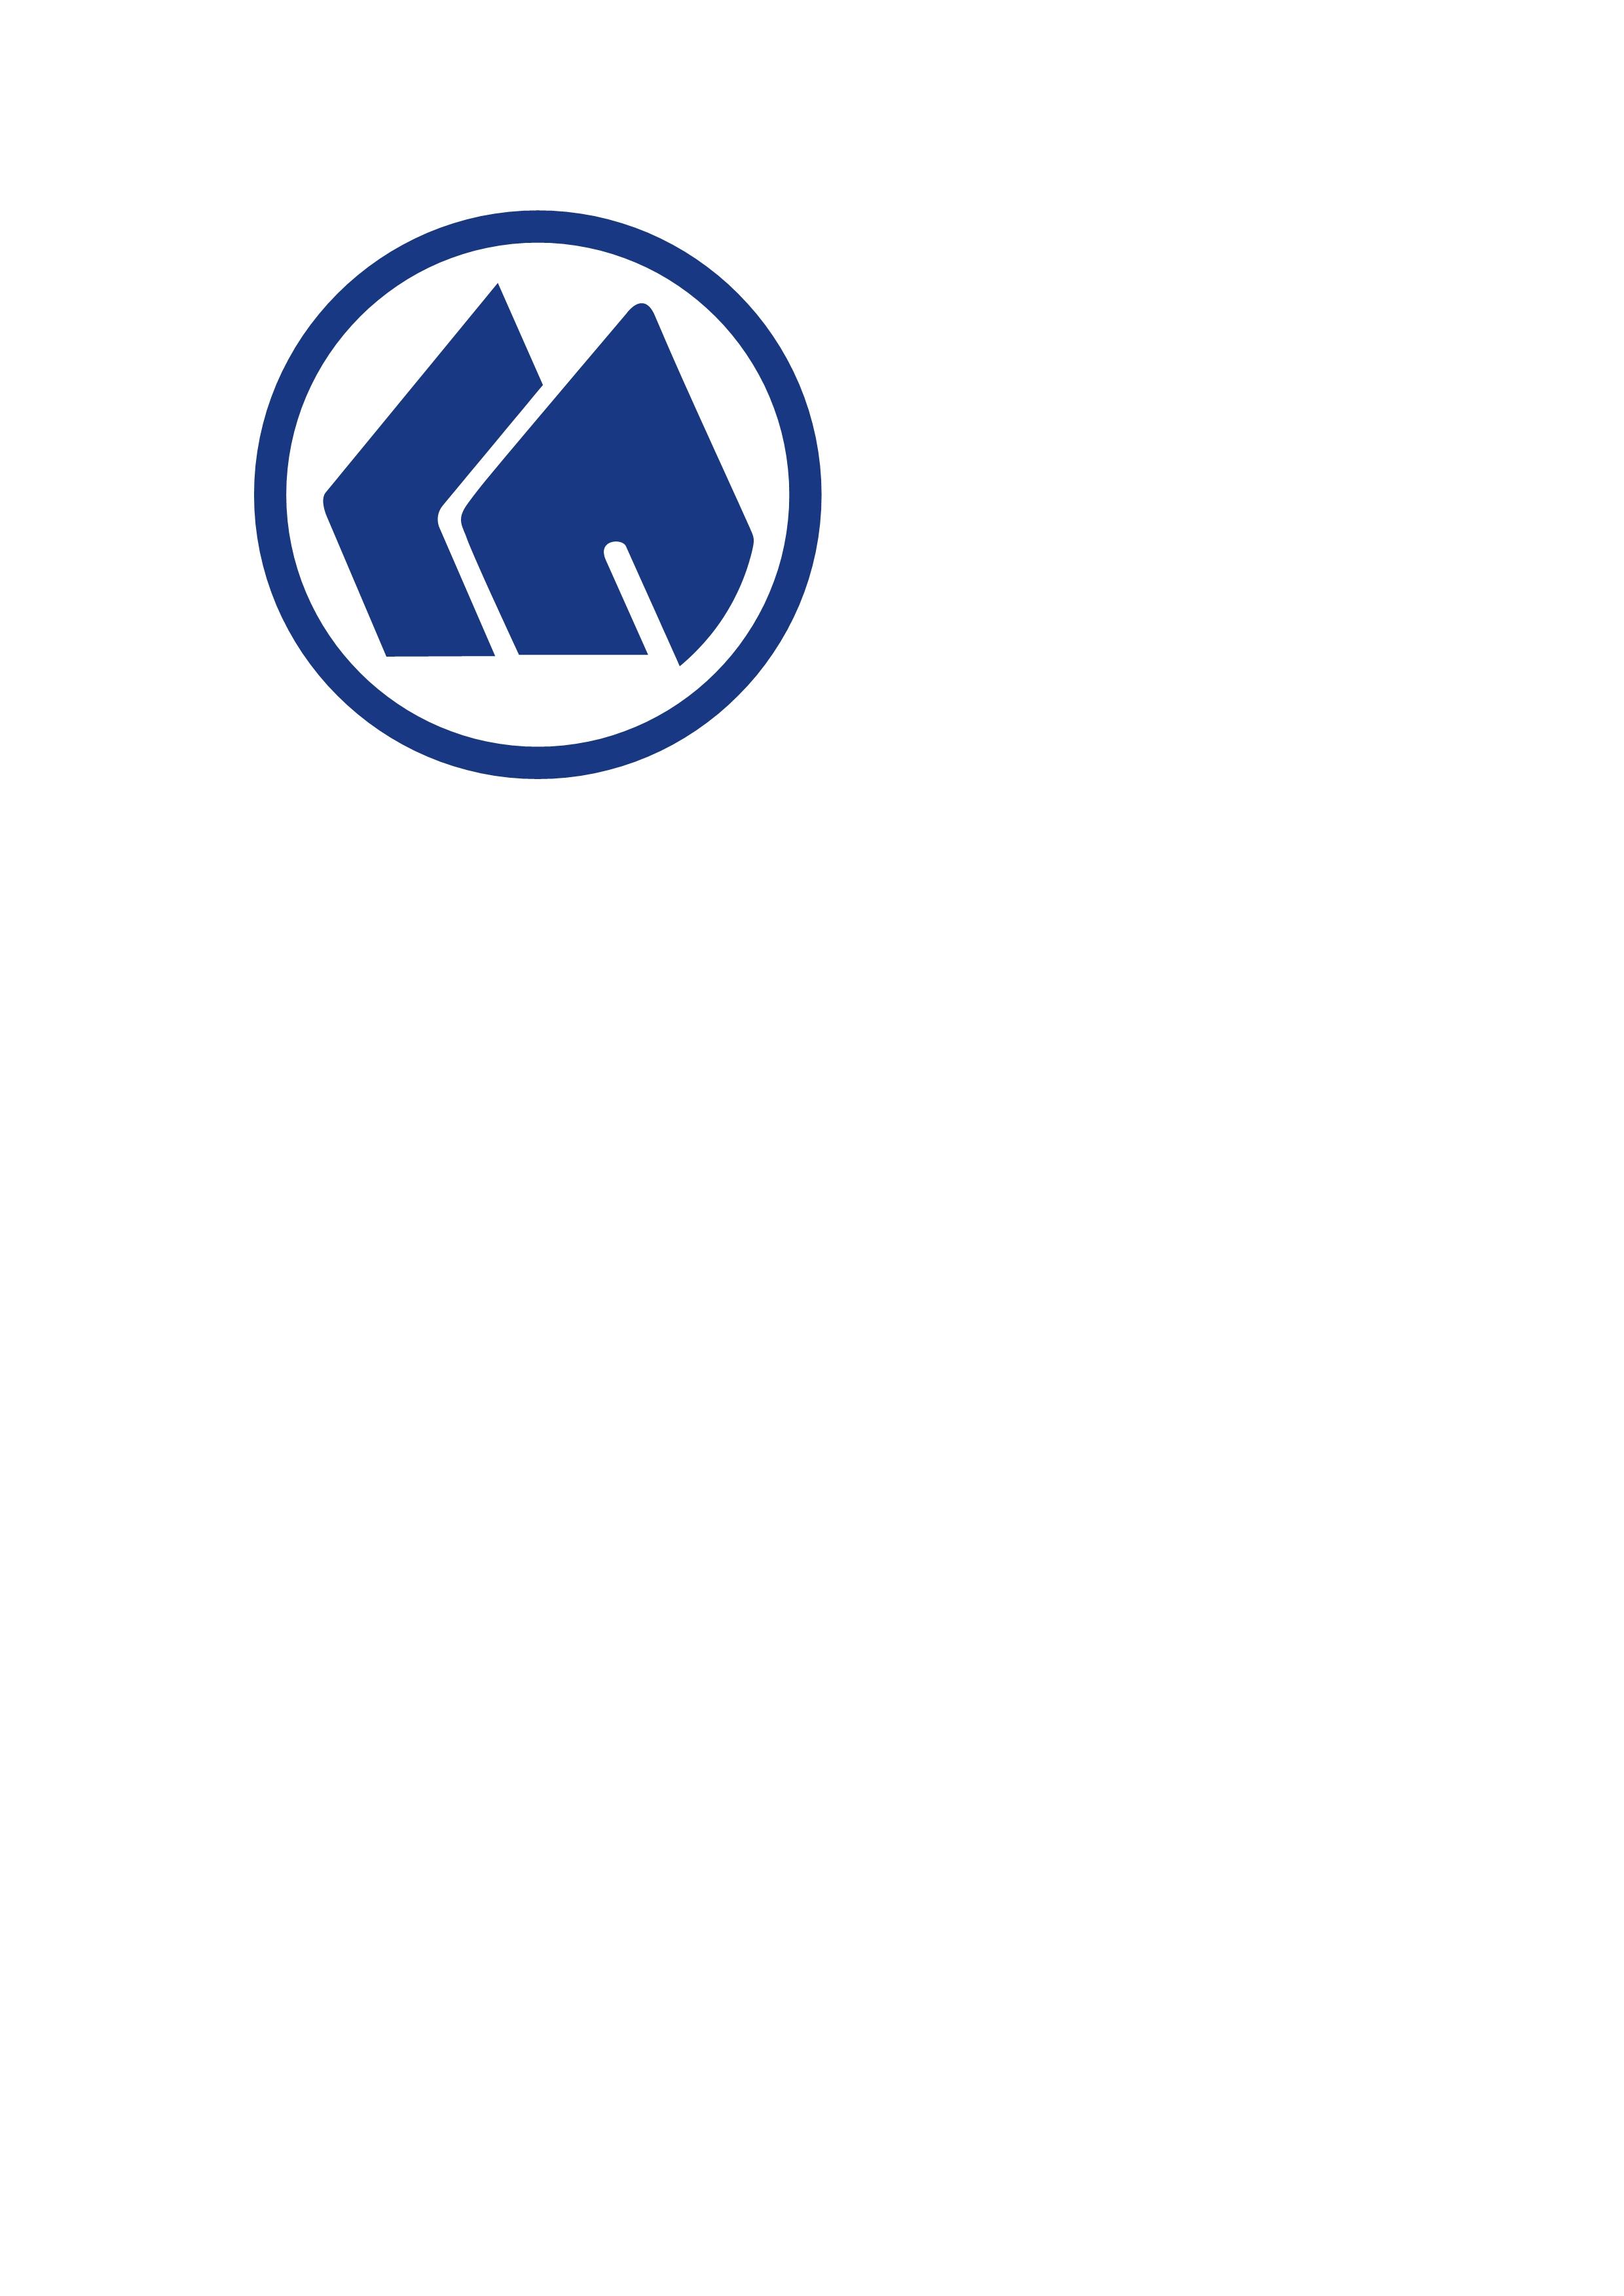 华鑫科技有限公司-2018中国国际福祉博览会暨中国国际康复博览会